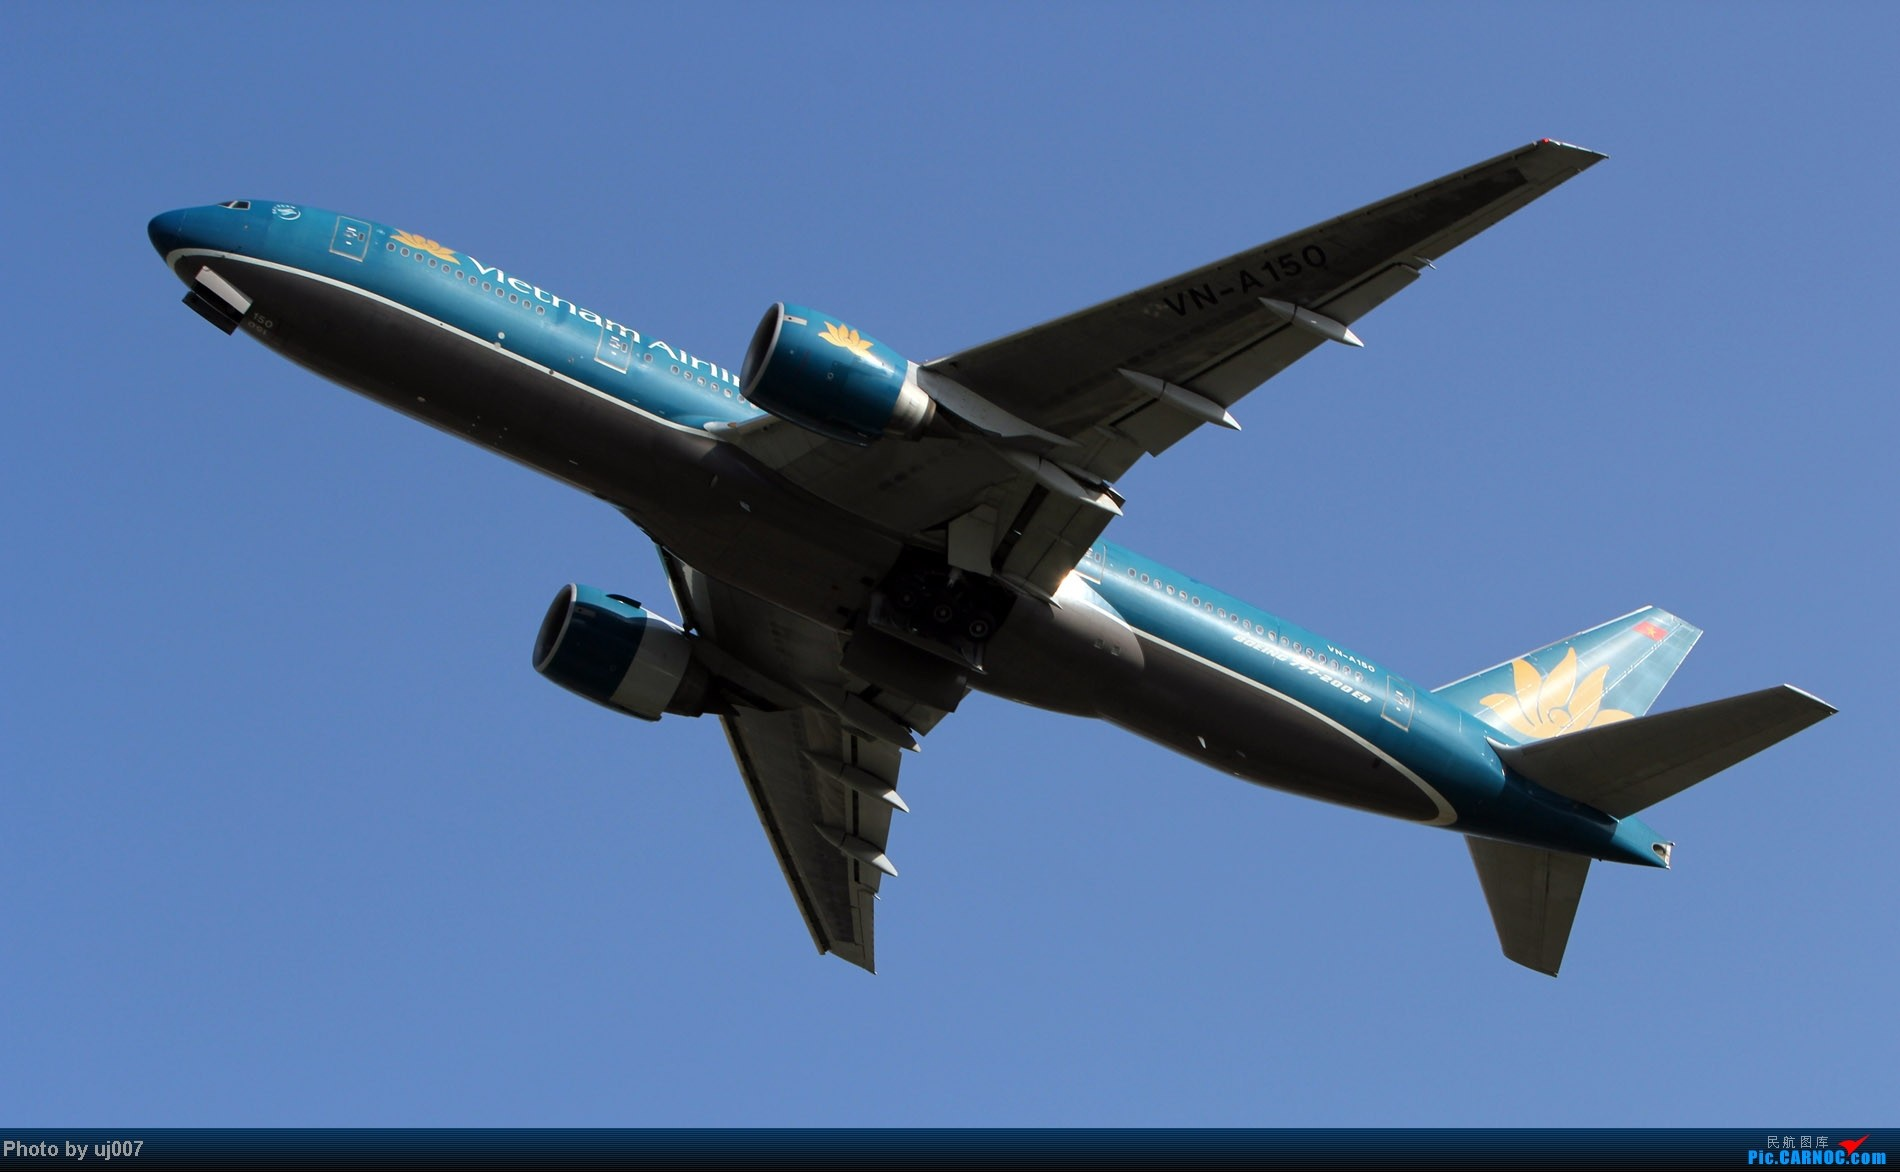 Re:[原创]10月2日白云拍机,超级多图系列(大飞机,特别妆,外航,闪灯,擦烟)求指点. BOEING 777-200ER VN-A150 中国广州白云机场